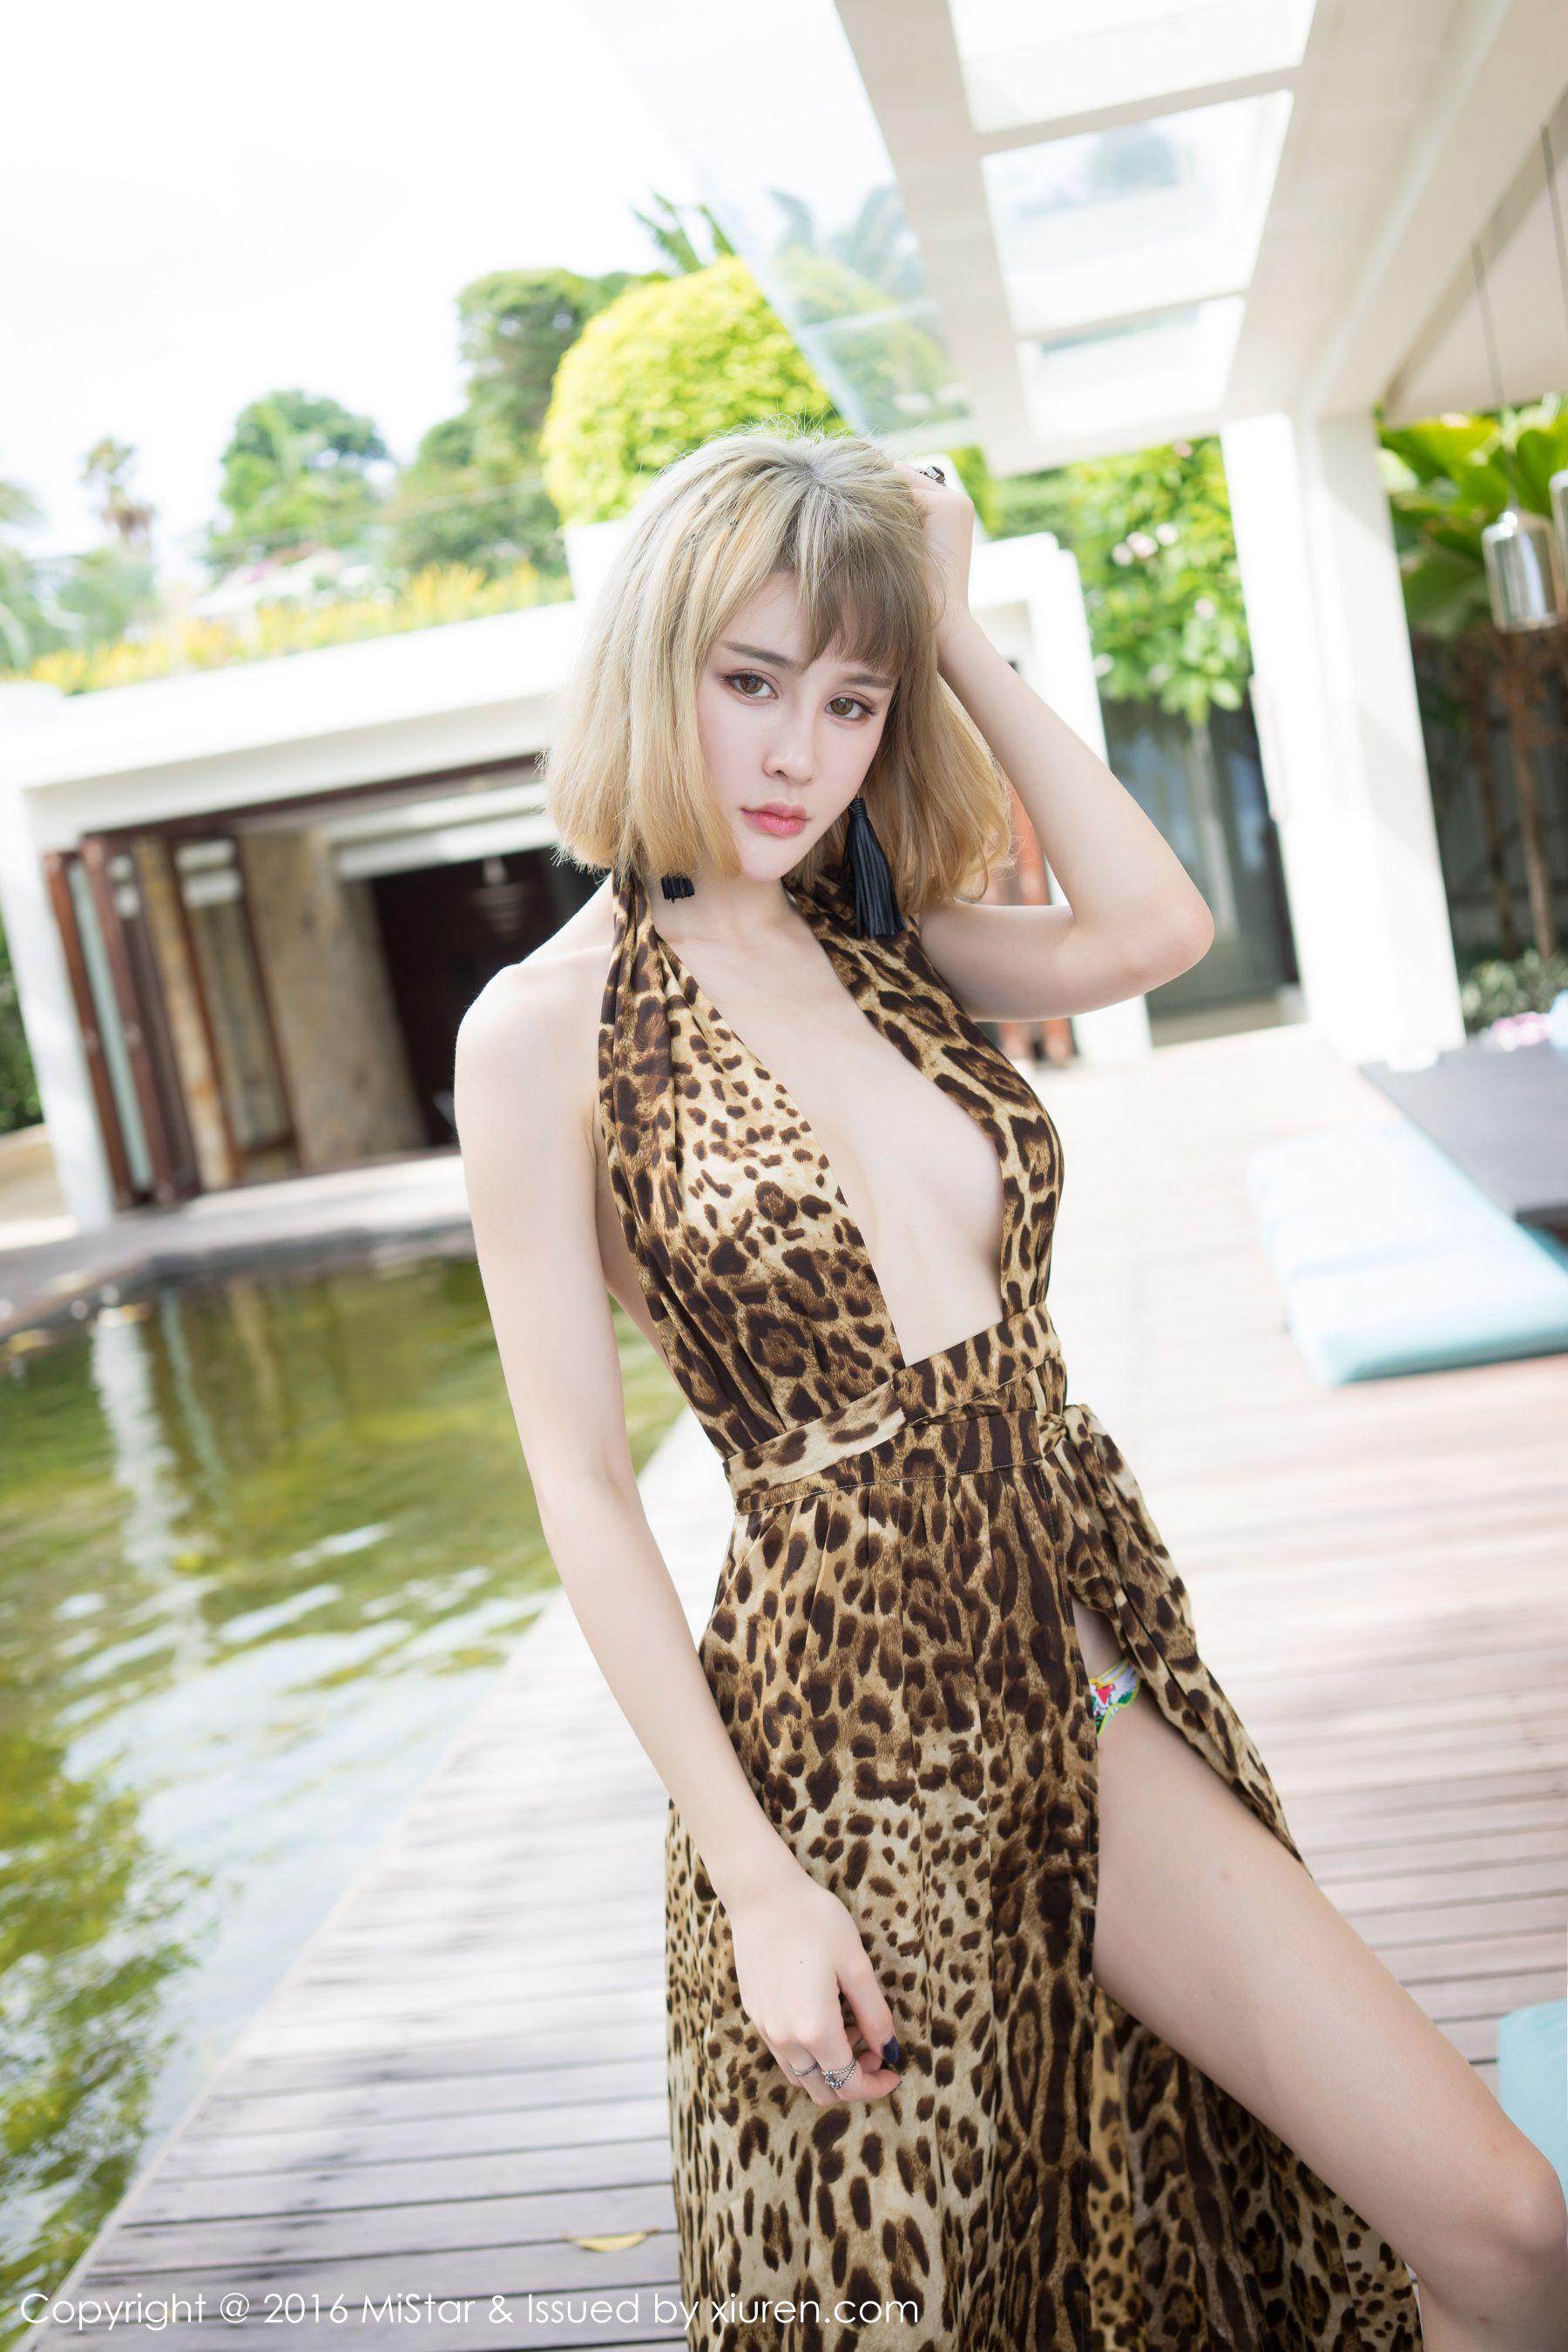 Cheryl青树性感豹纹吊带裙+气质长裙-第1张图片-哔哔娱乐网